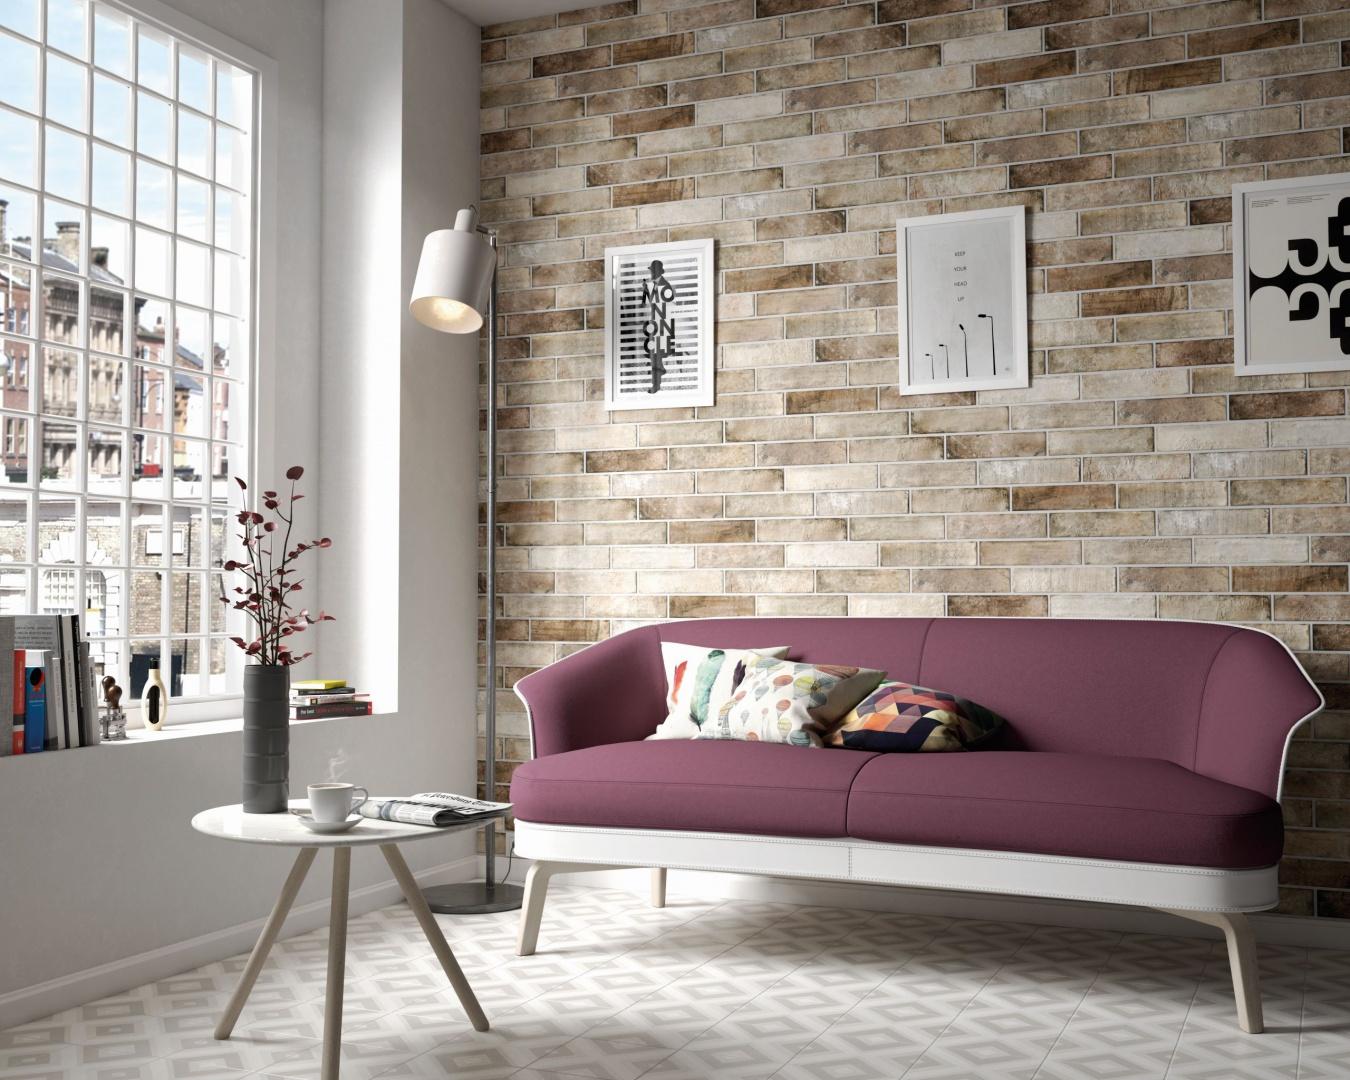 Płytki ceramiczne z kolekcji Brick Equipe doskonale zastąpią tradycyjną cegłę. Dostępne w wielu naturalnych kolorach. Na zamówienie. Fot. Equipe